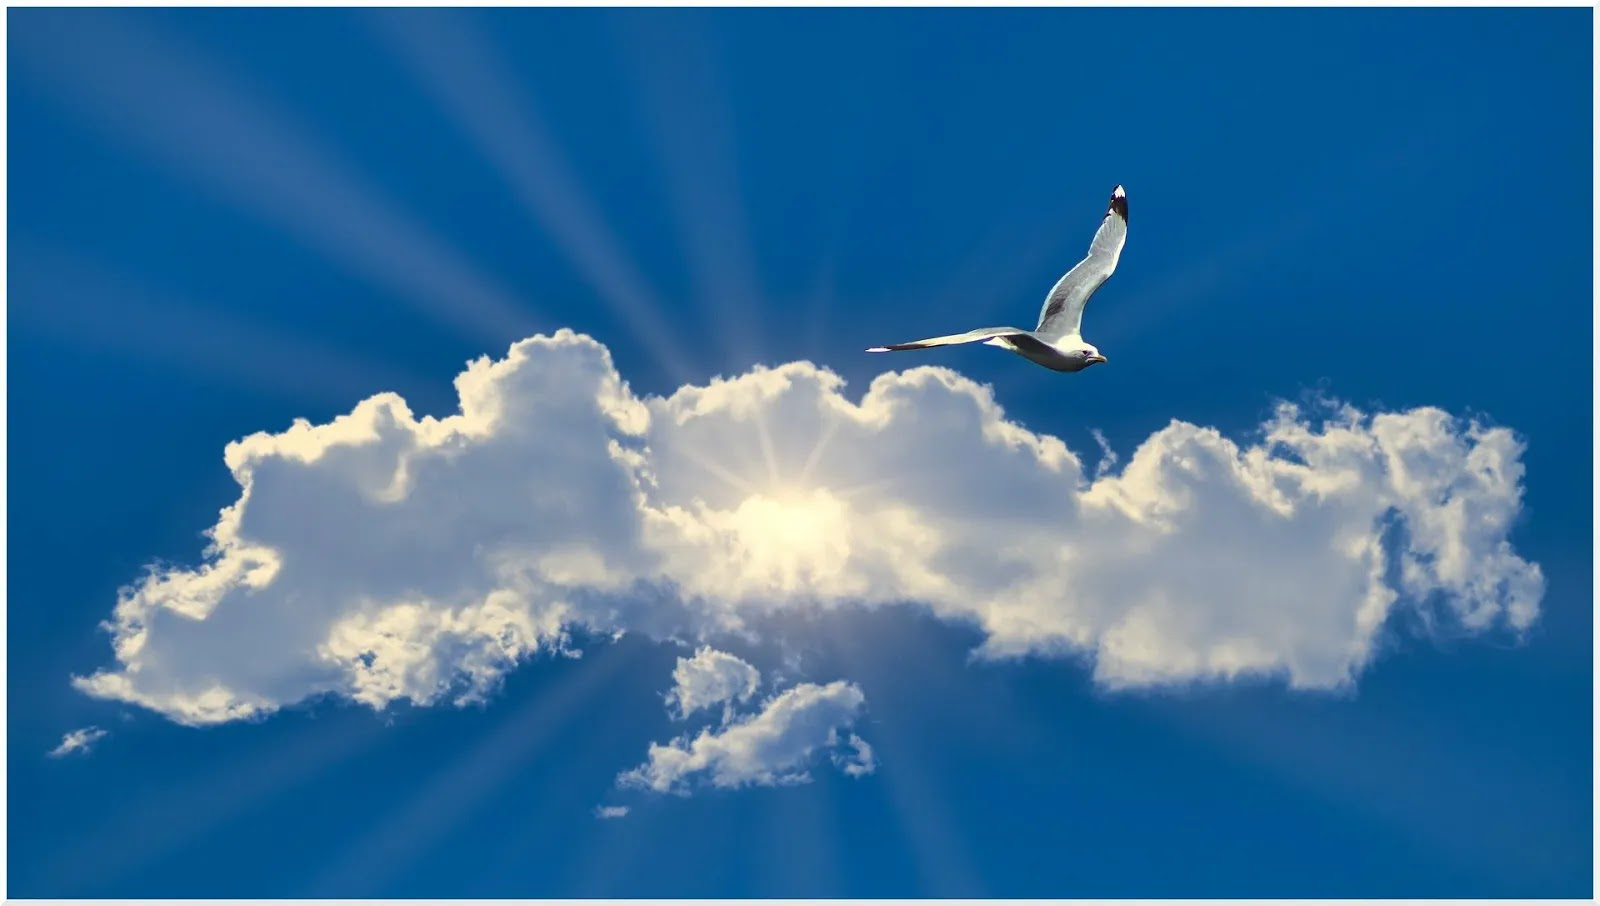 حصريا خلفيات كمبيوتر بأعلي جودة للطيور والسماء